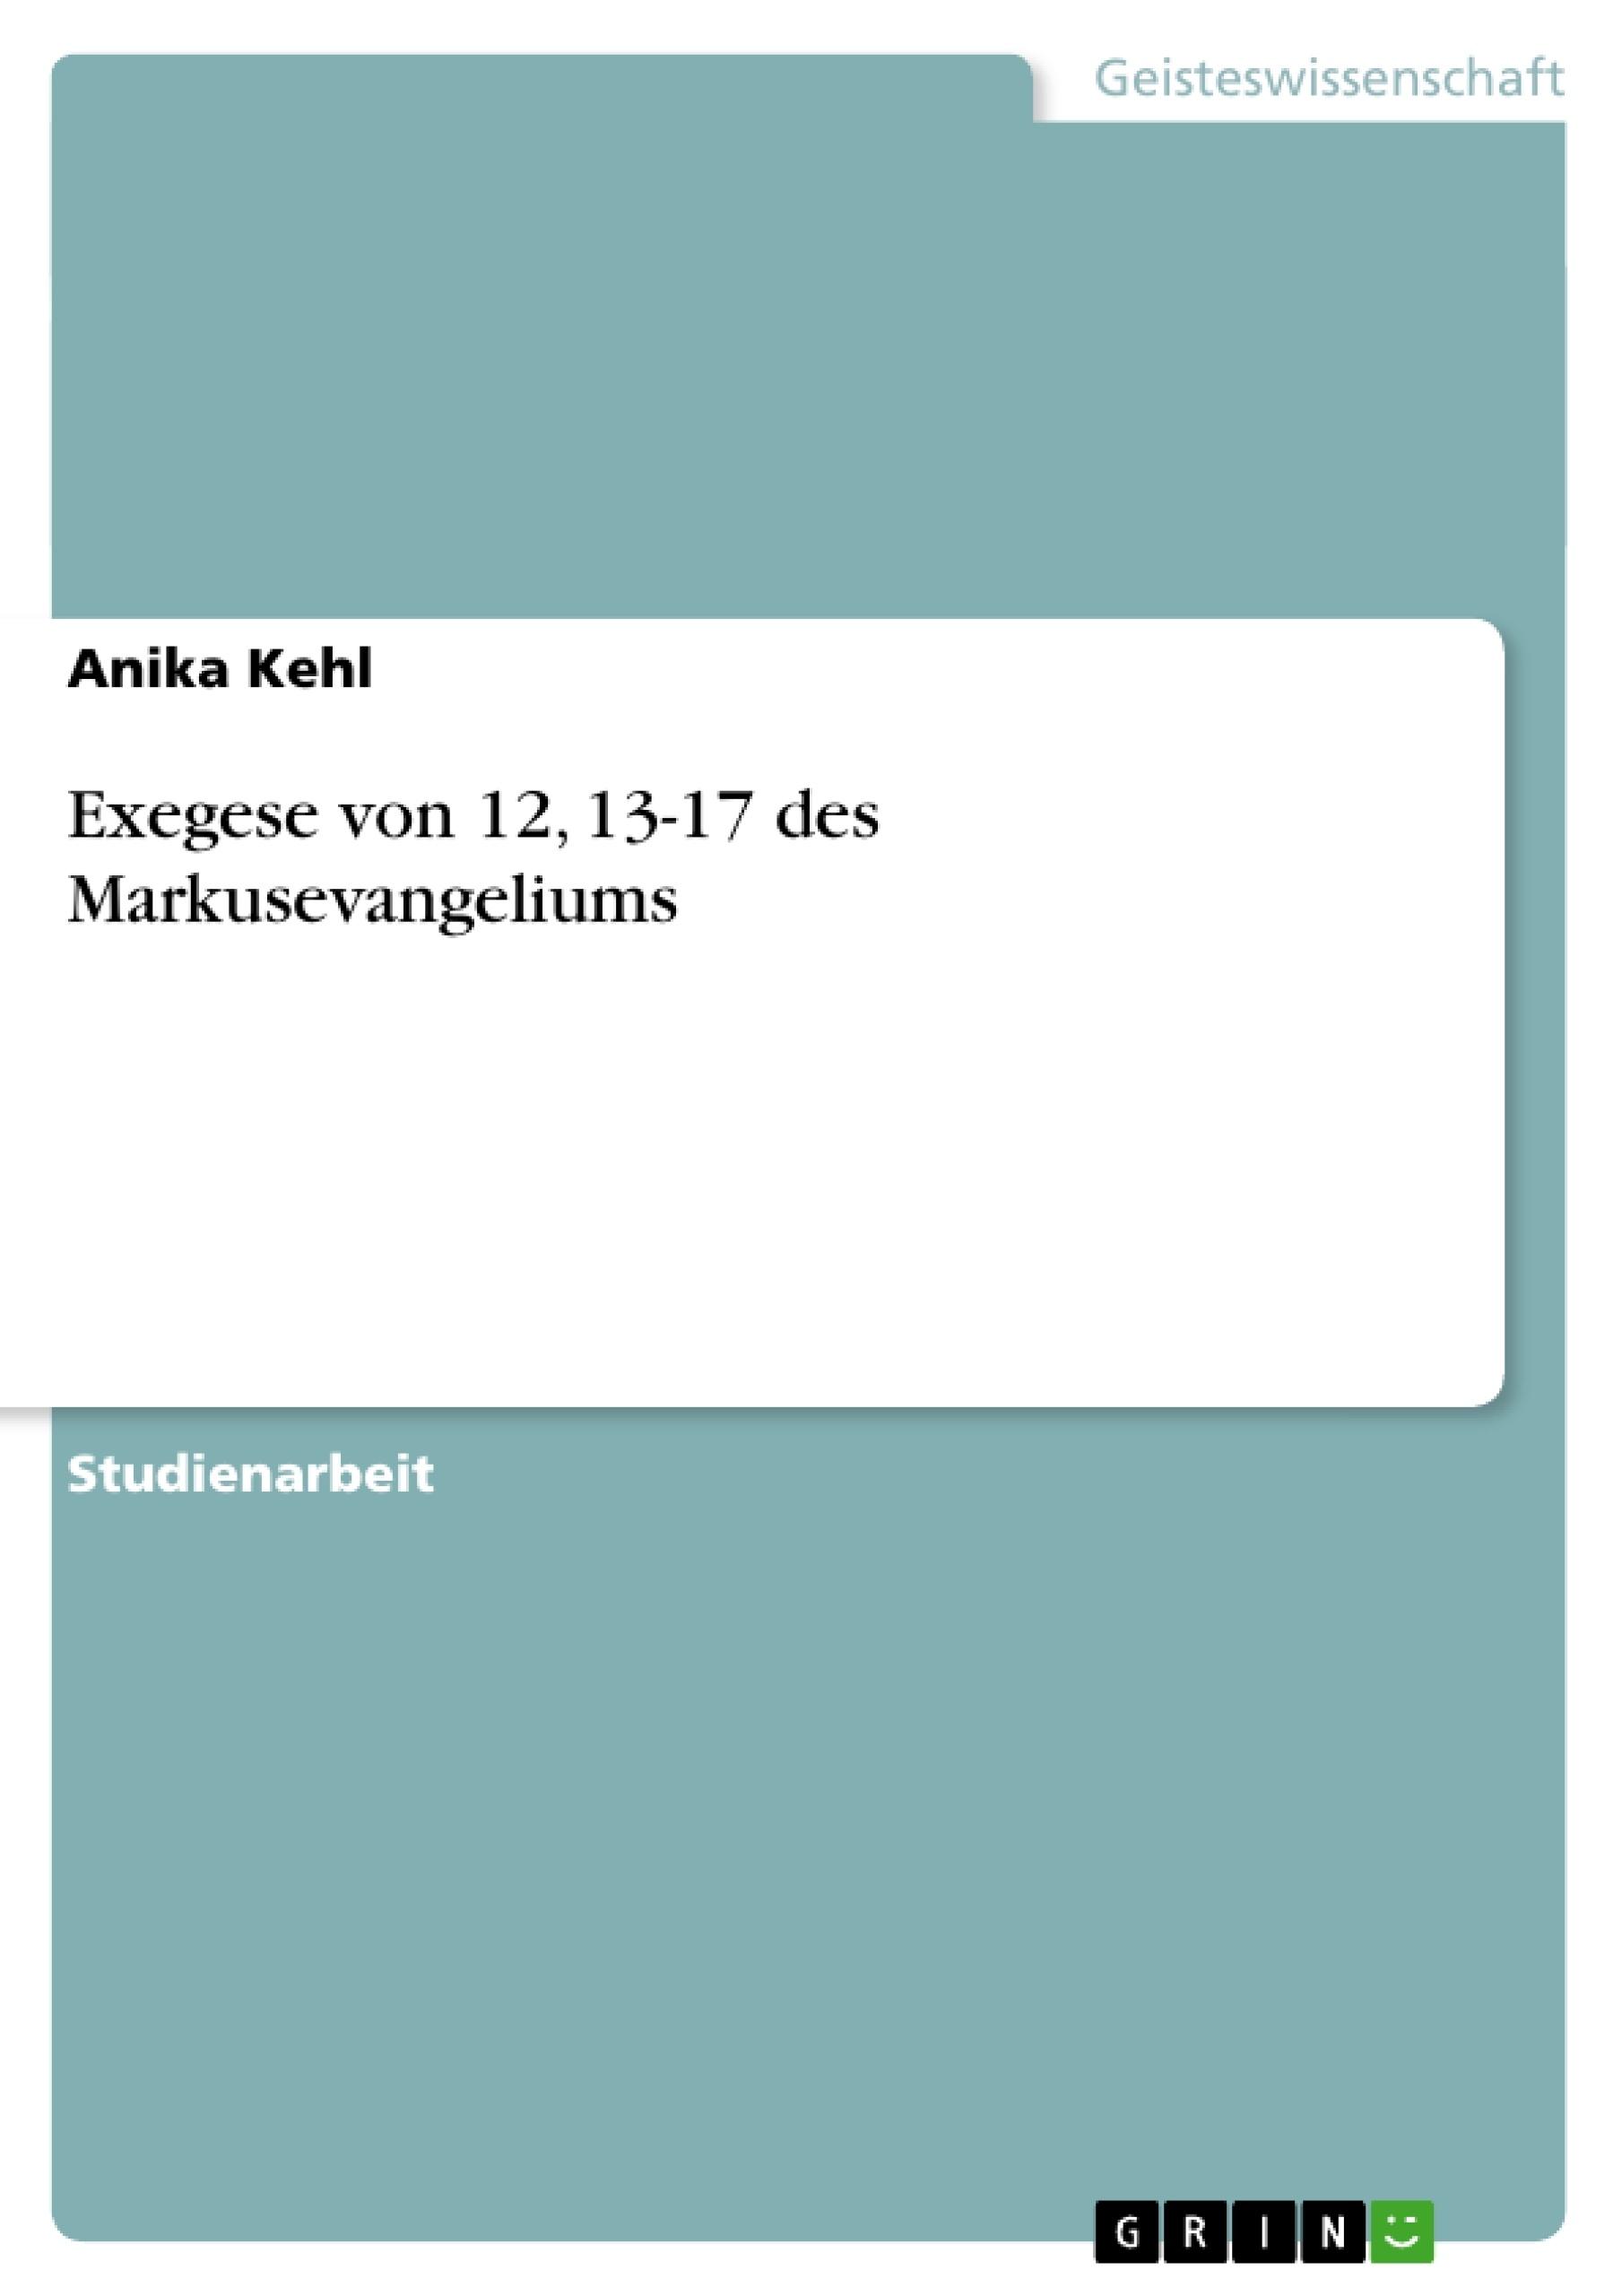 Titel: Exegese von 12, 13-17 des Markusevangeliums